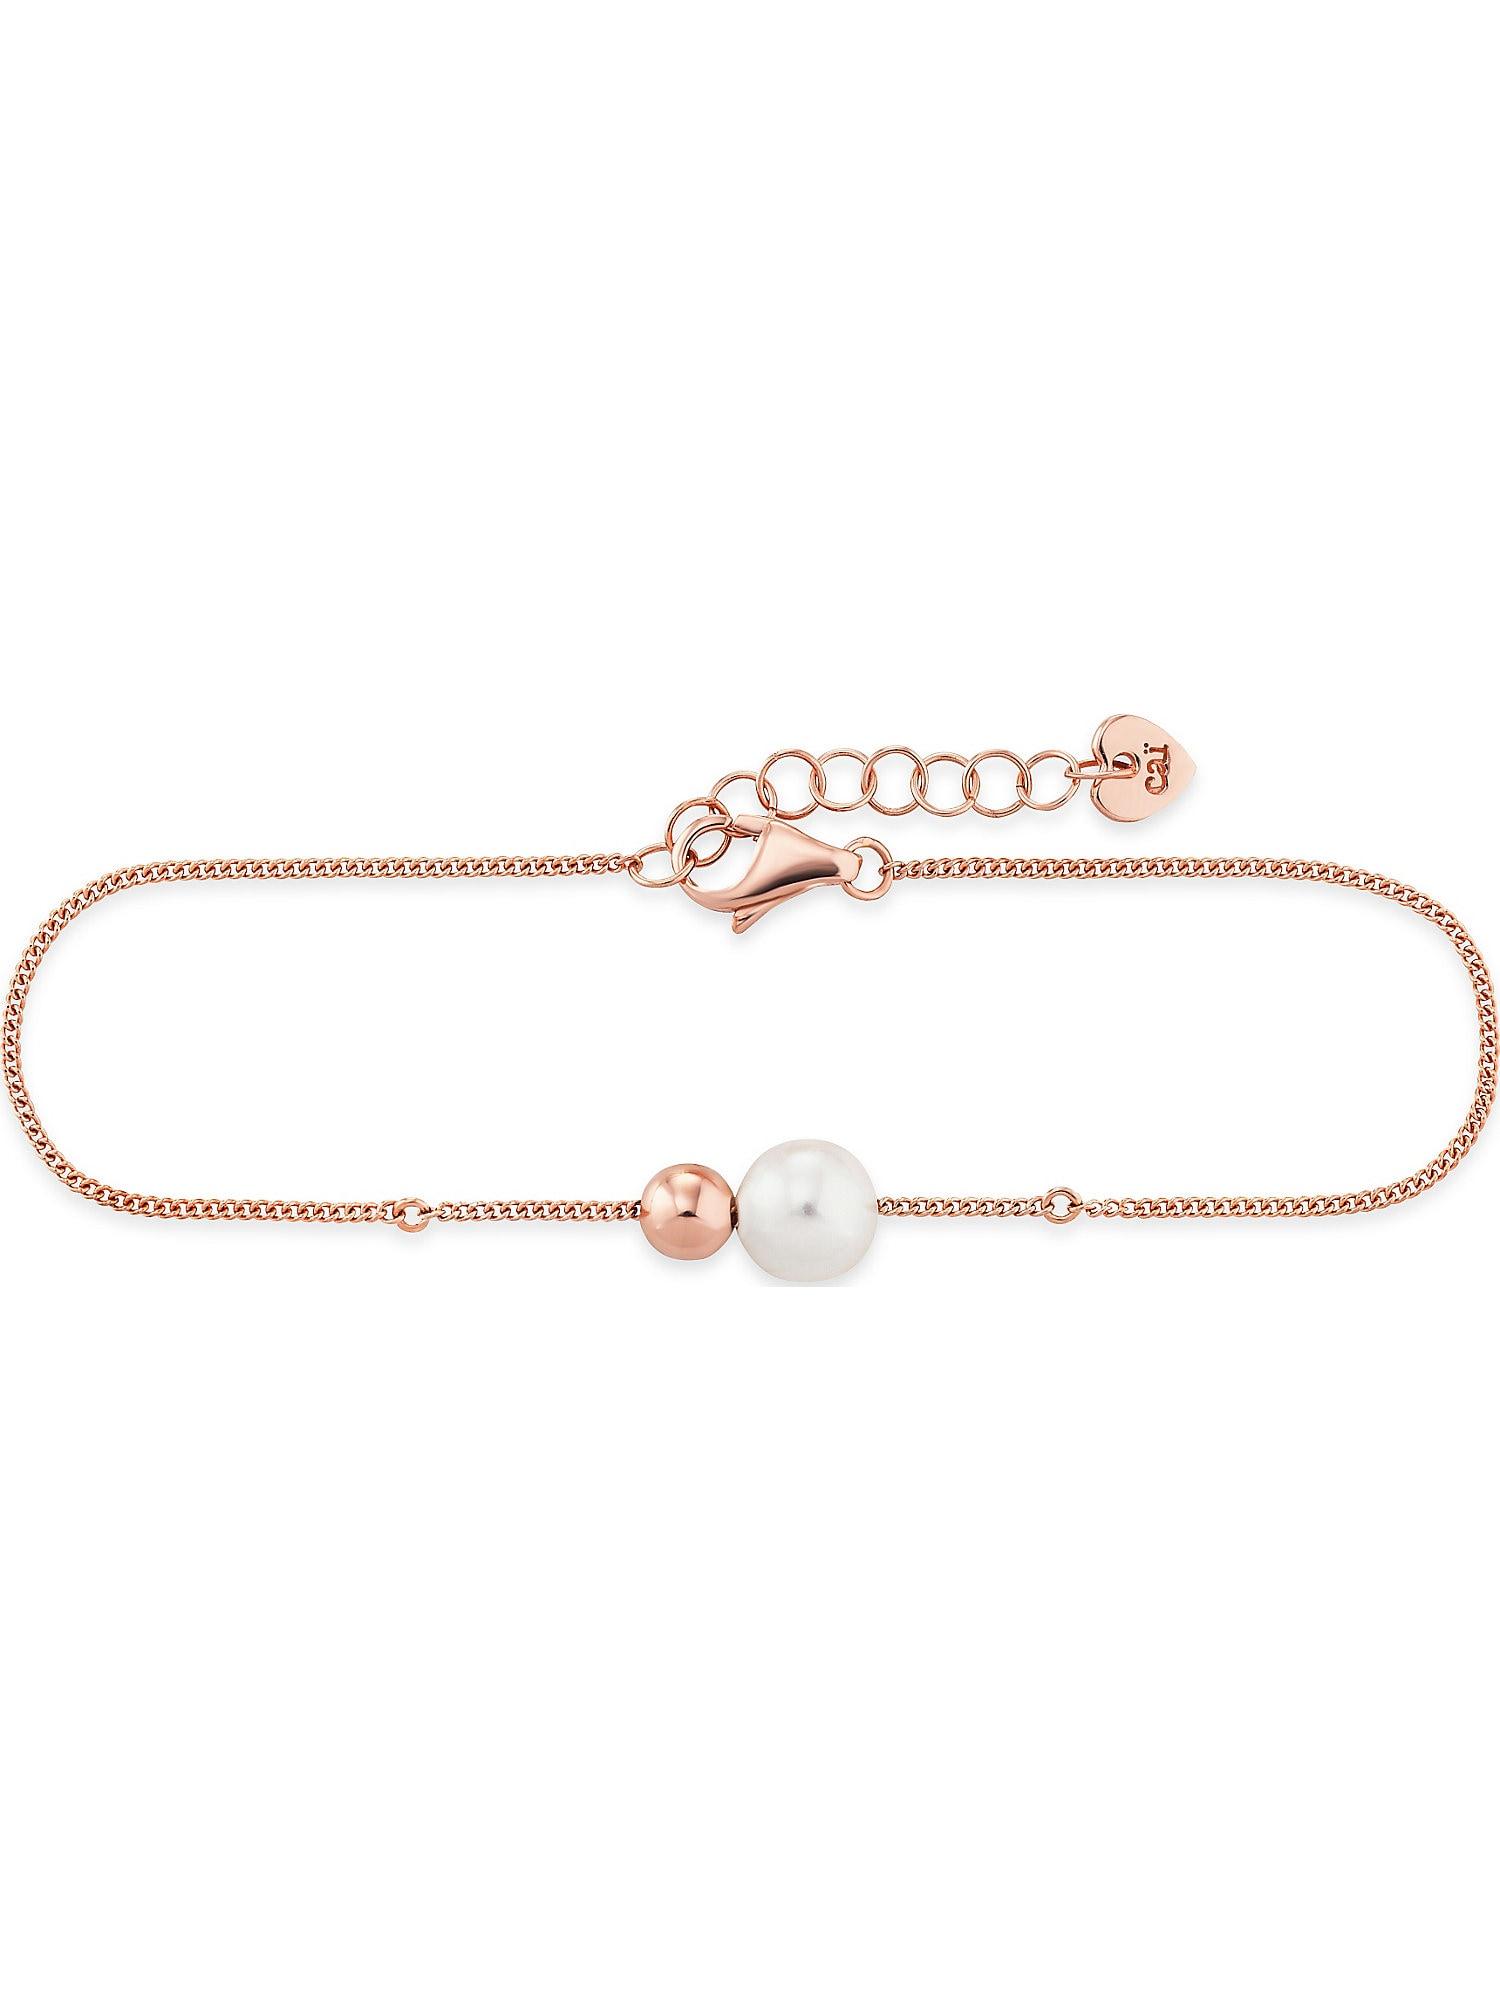 Perlenarmband | Schmuck > Armbänder > Perlenarmbänder | Caï